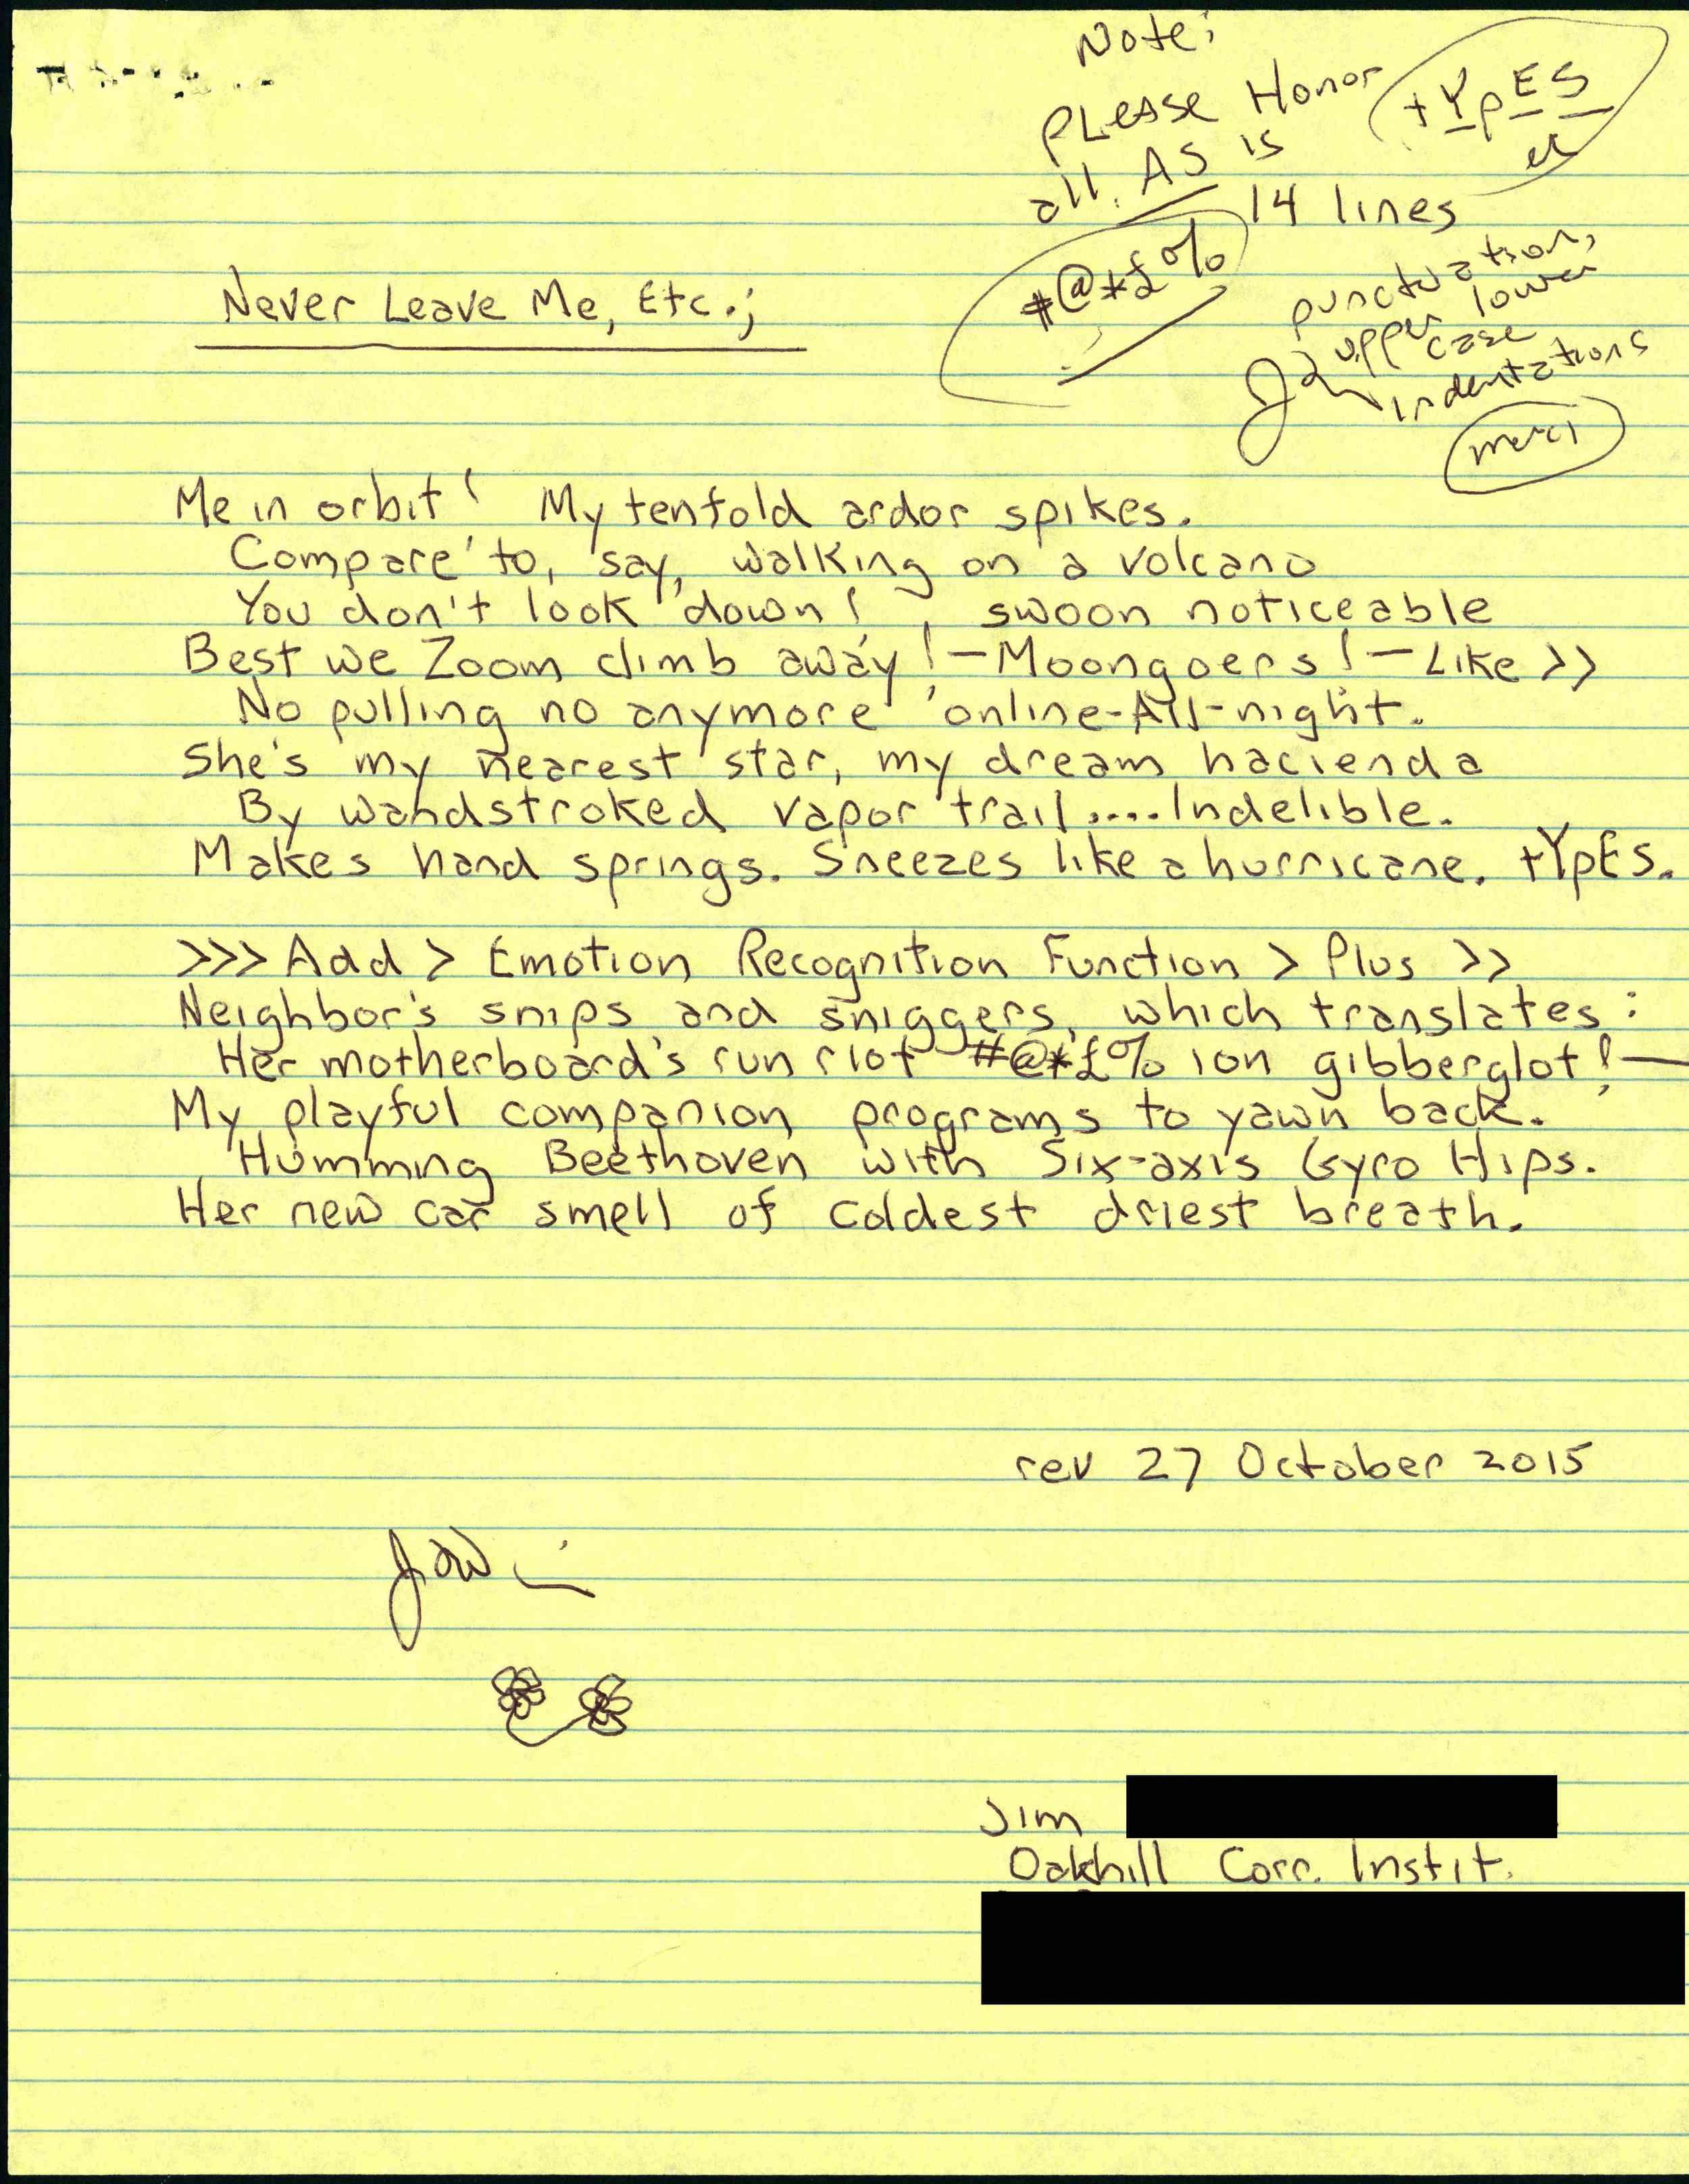 Jim G Wee - Never Leave Me, Etc._.jpg